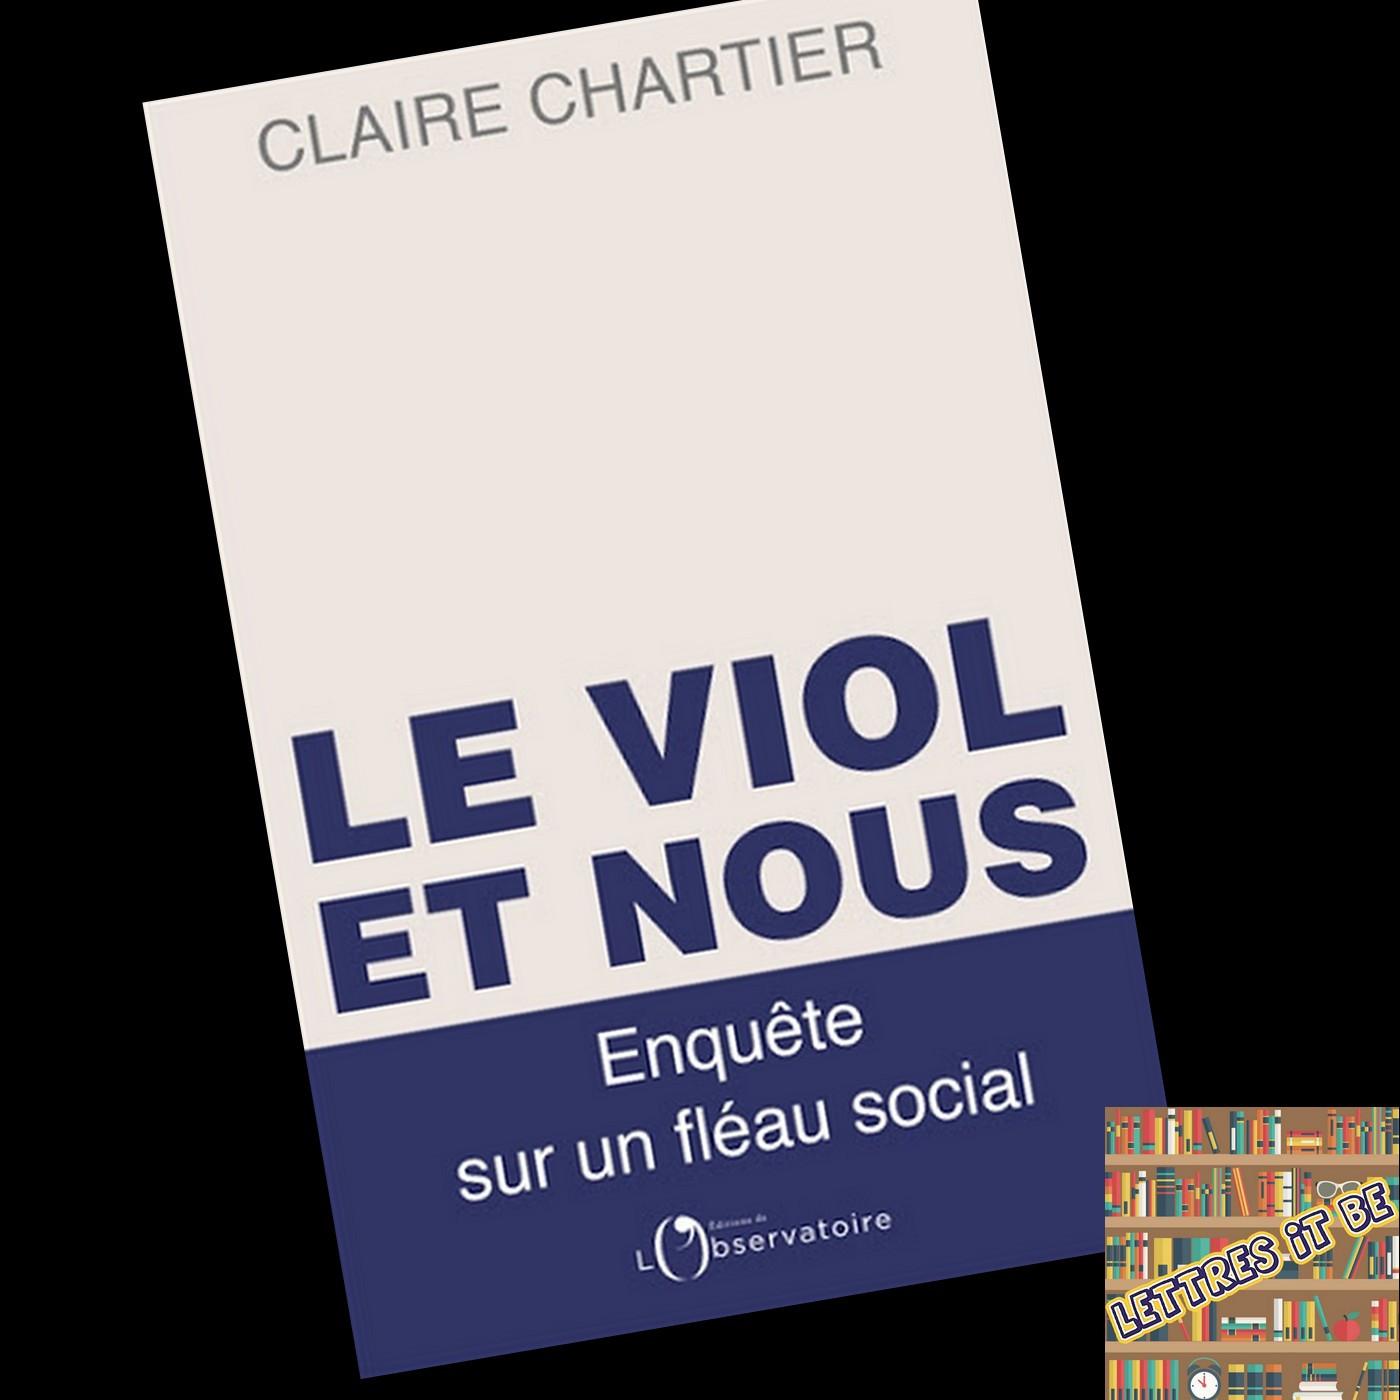 Critique pour Le viol et nous : enquête sur un fléau social de Claire Chartier (Livre)